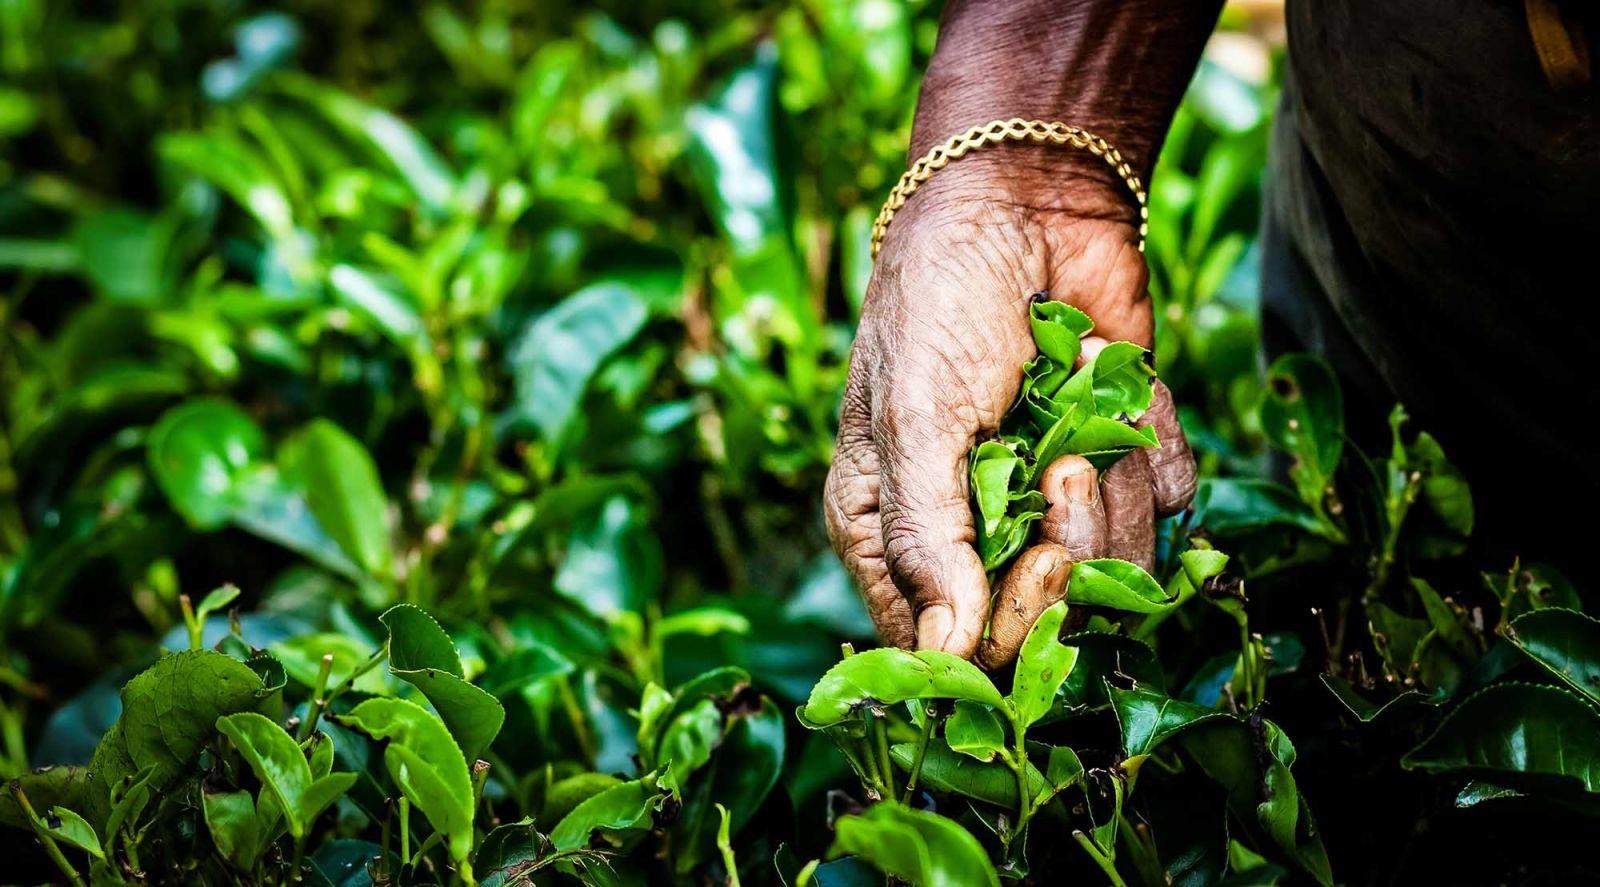 Phân tích chiến lược marketing của Phúc Long Coffee: Từ Lâm Đồng tới ông trùm Big 3 ngành coffee marketingreview.vn